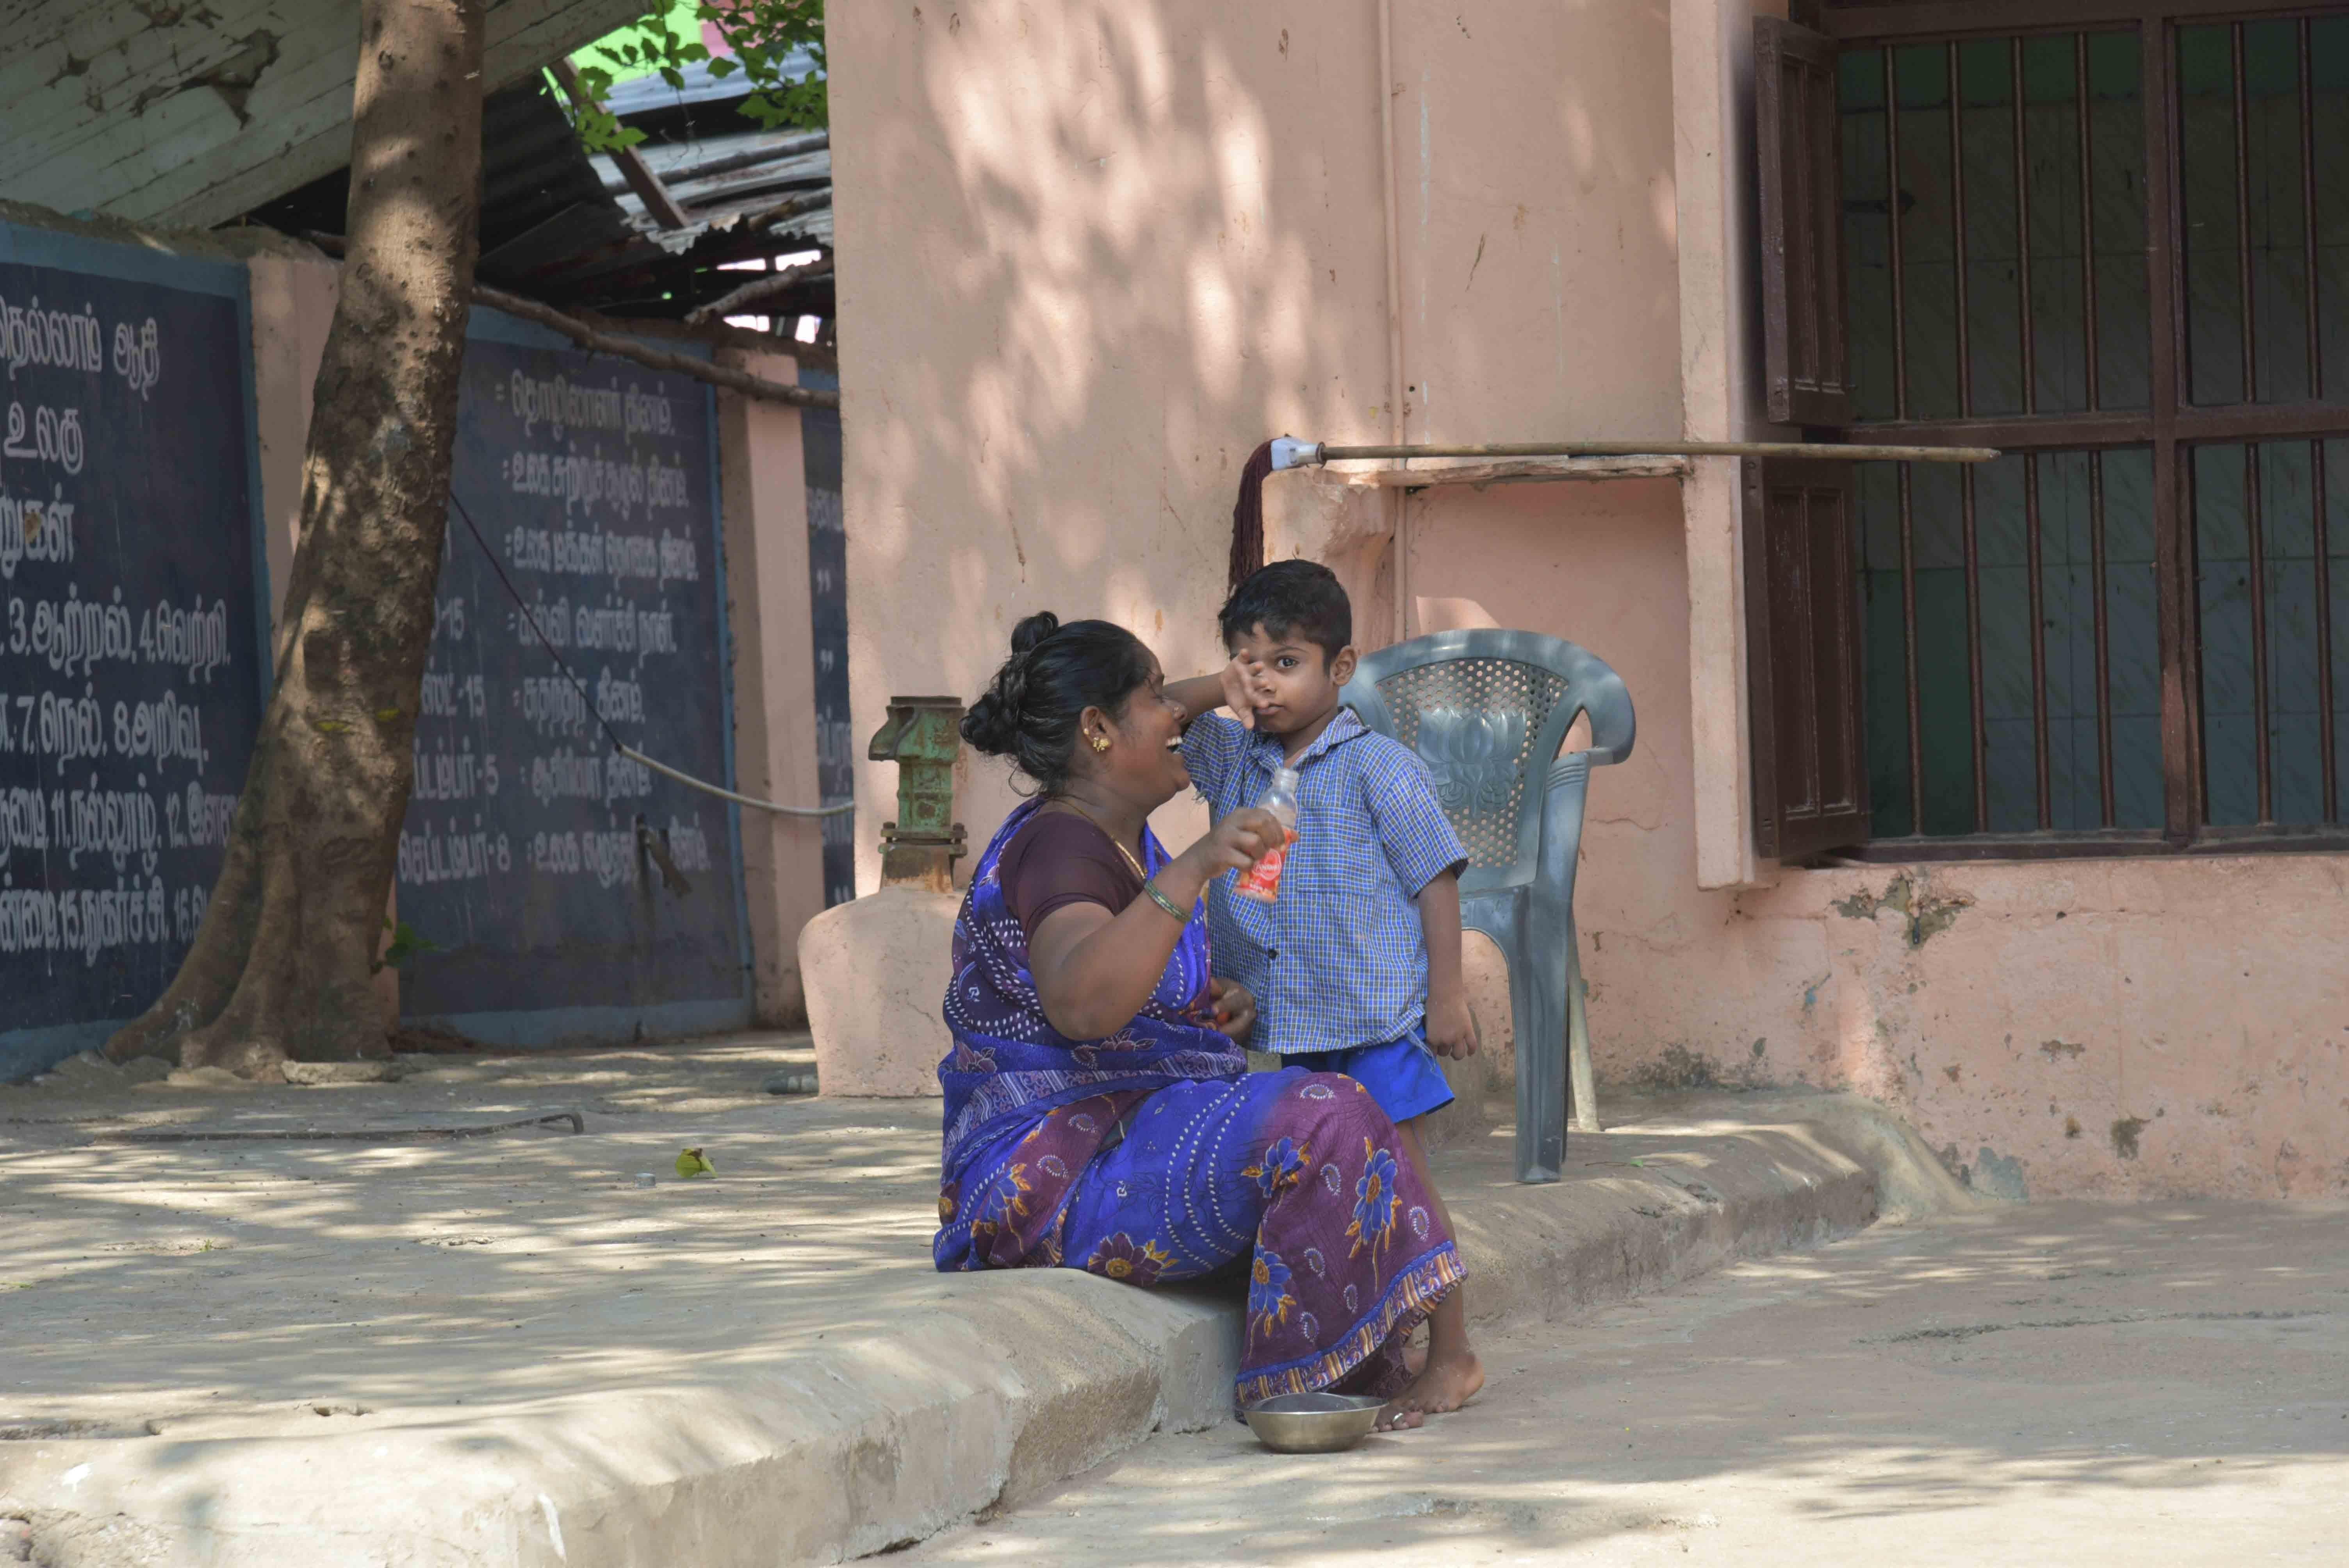 1-tngou-india-chws-2-frfvg8gt.jpg